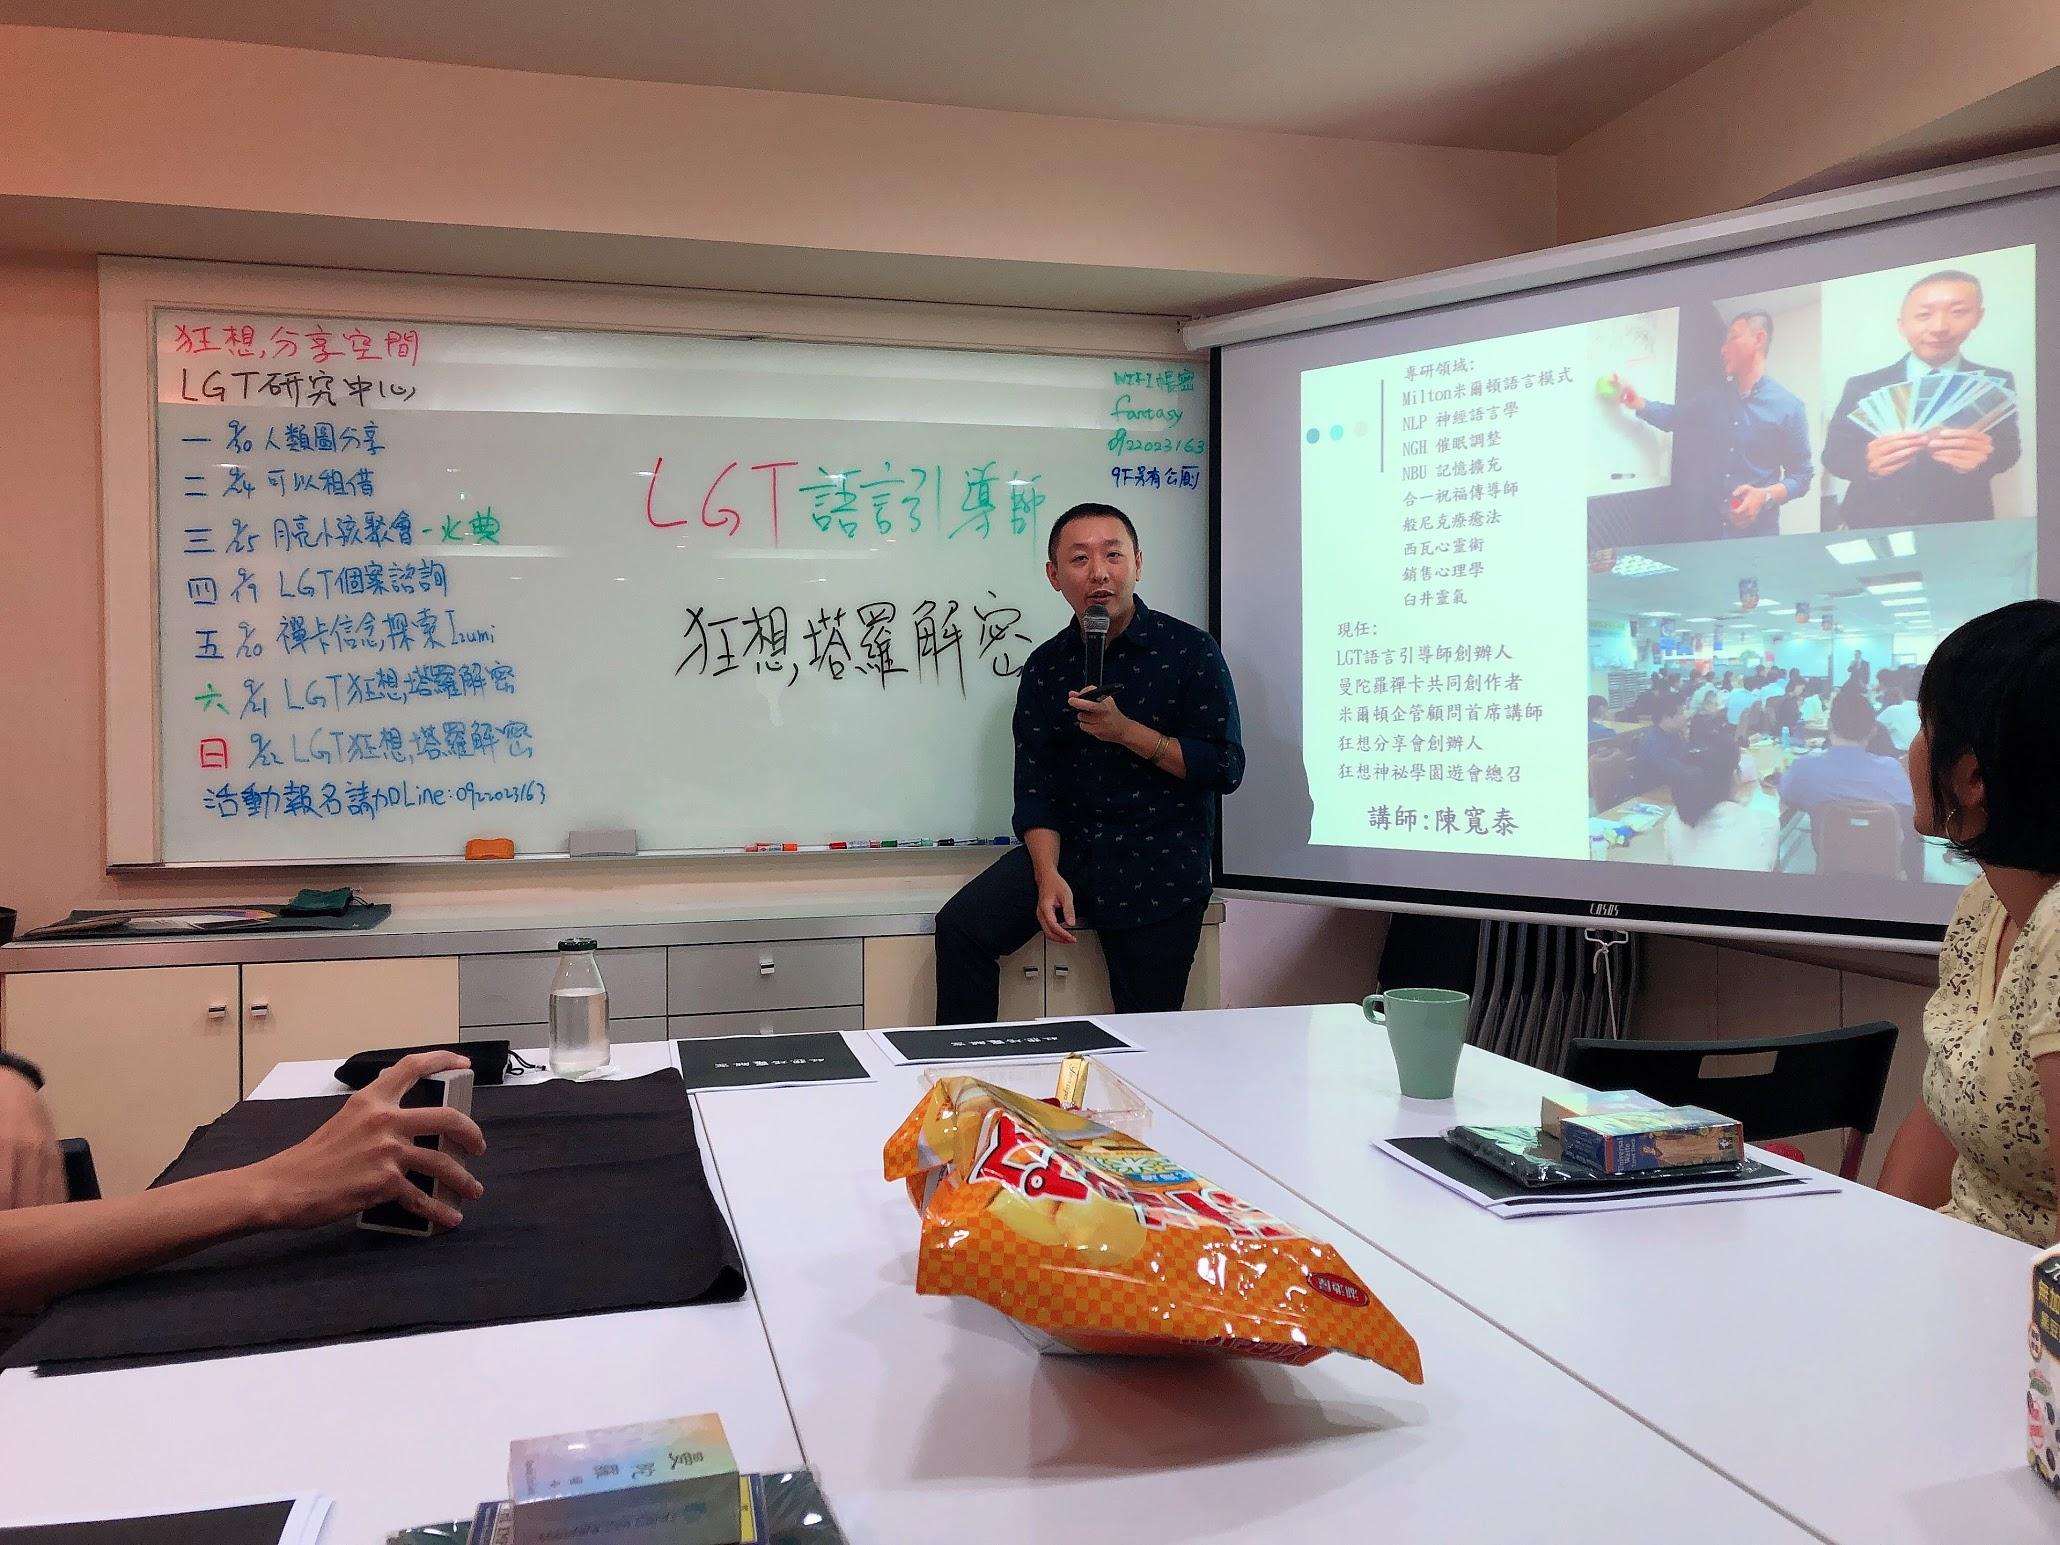 陳寬泰塔羅老師